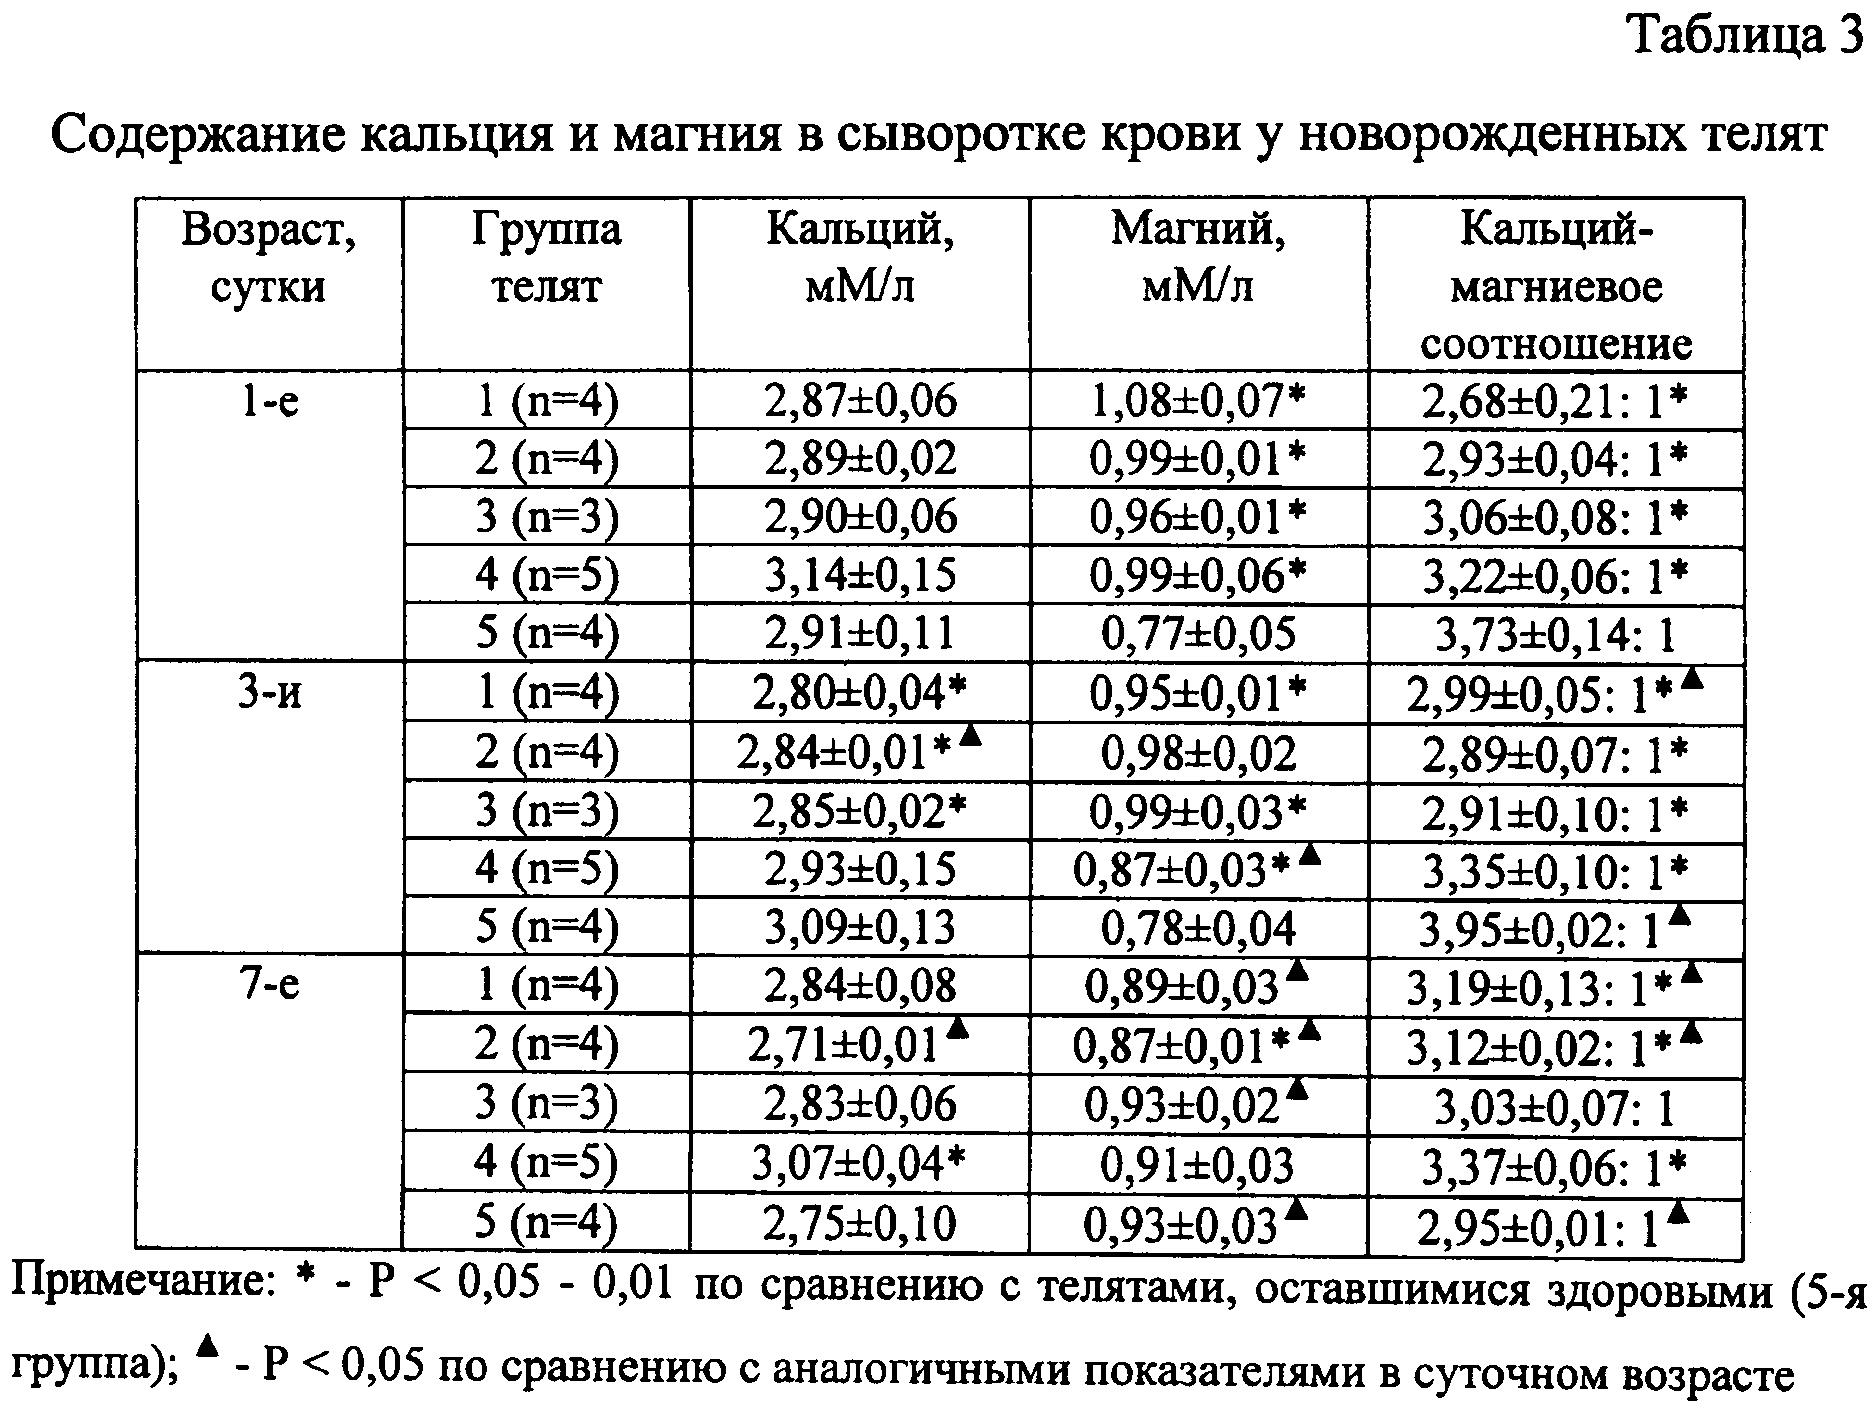 Показатели анализа крови на кальций у детей